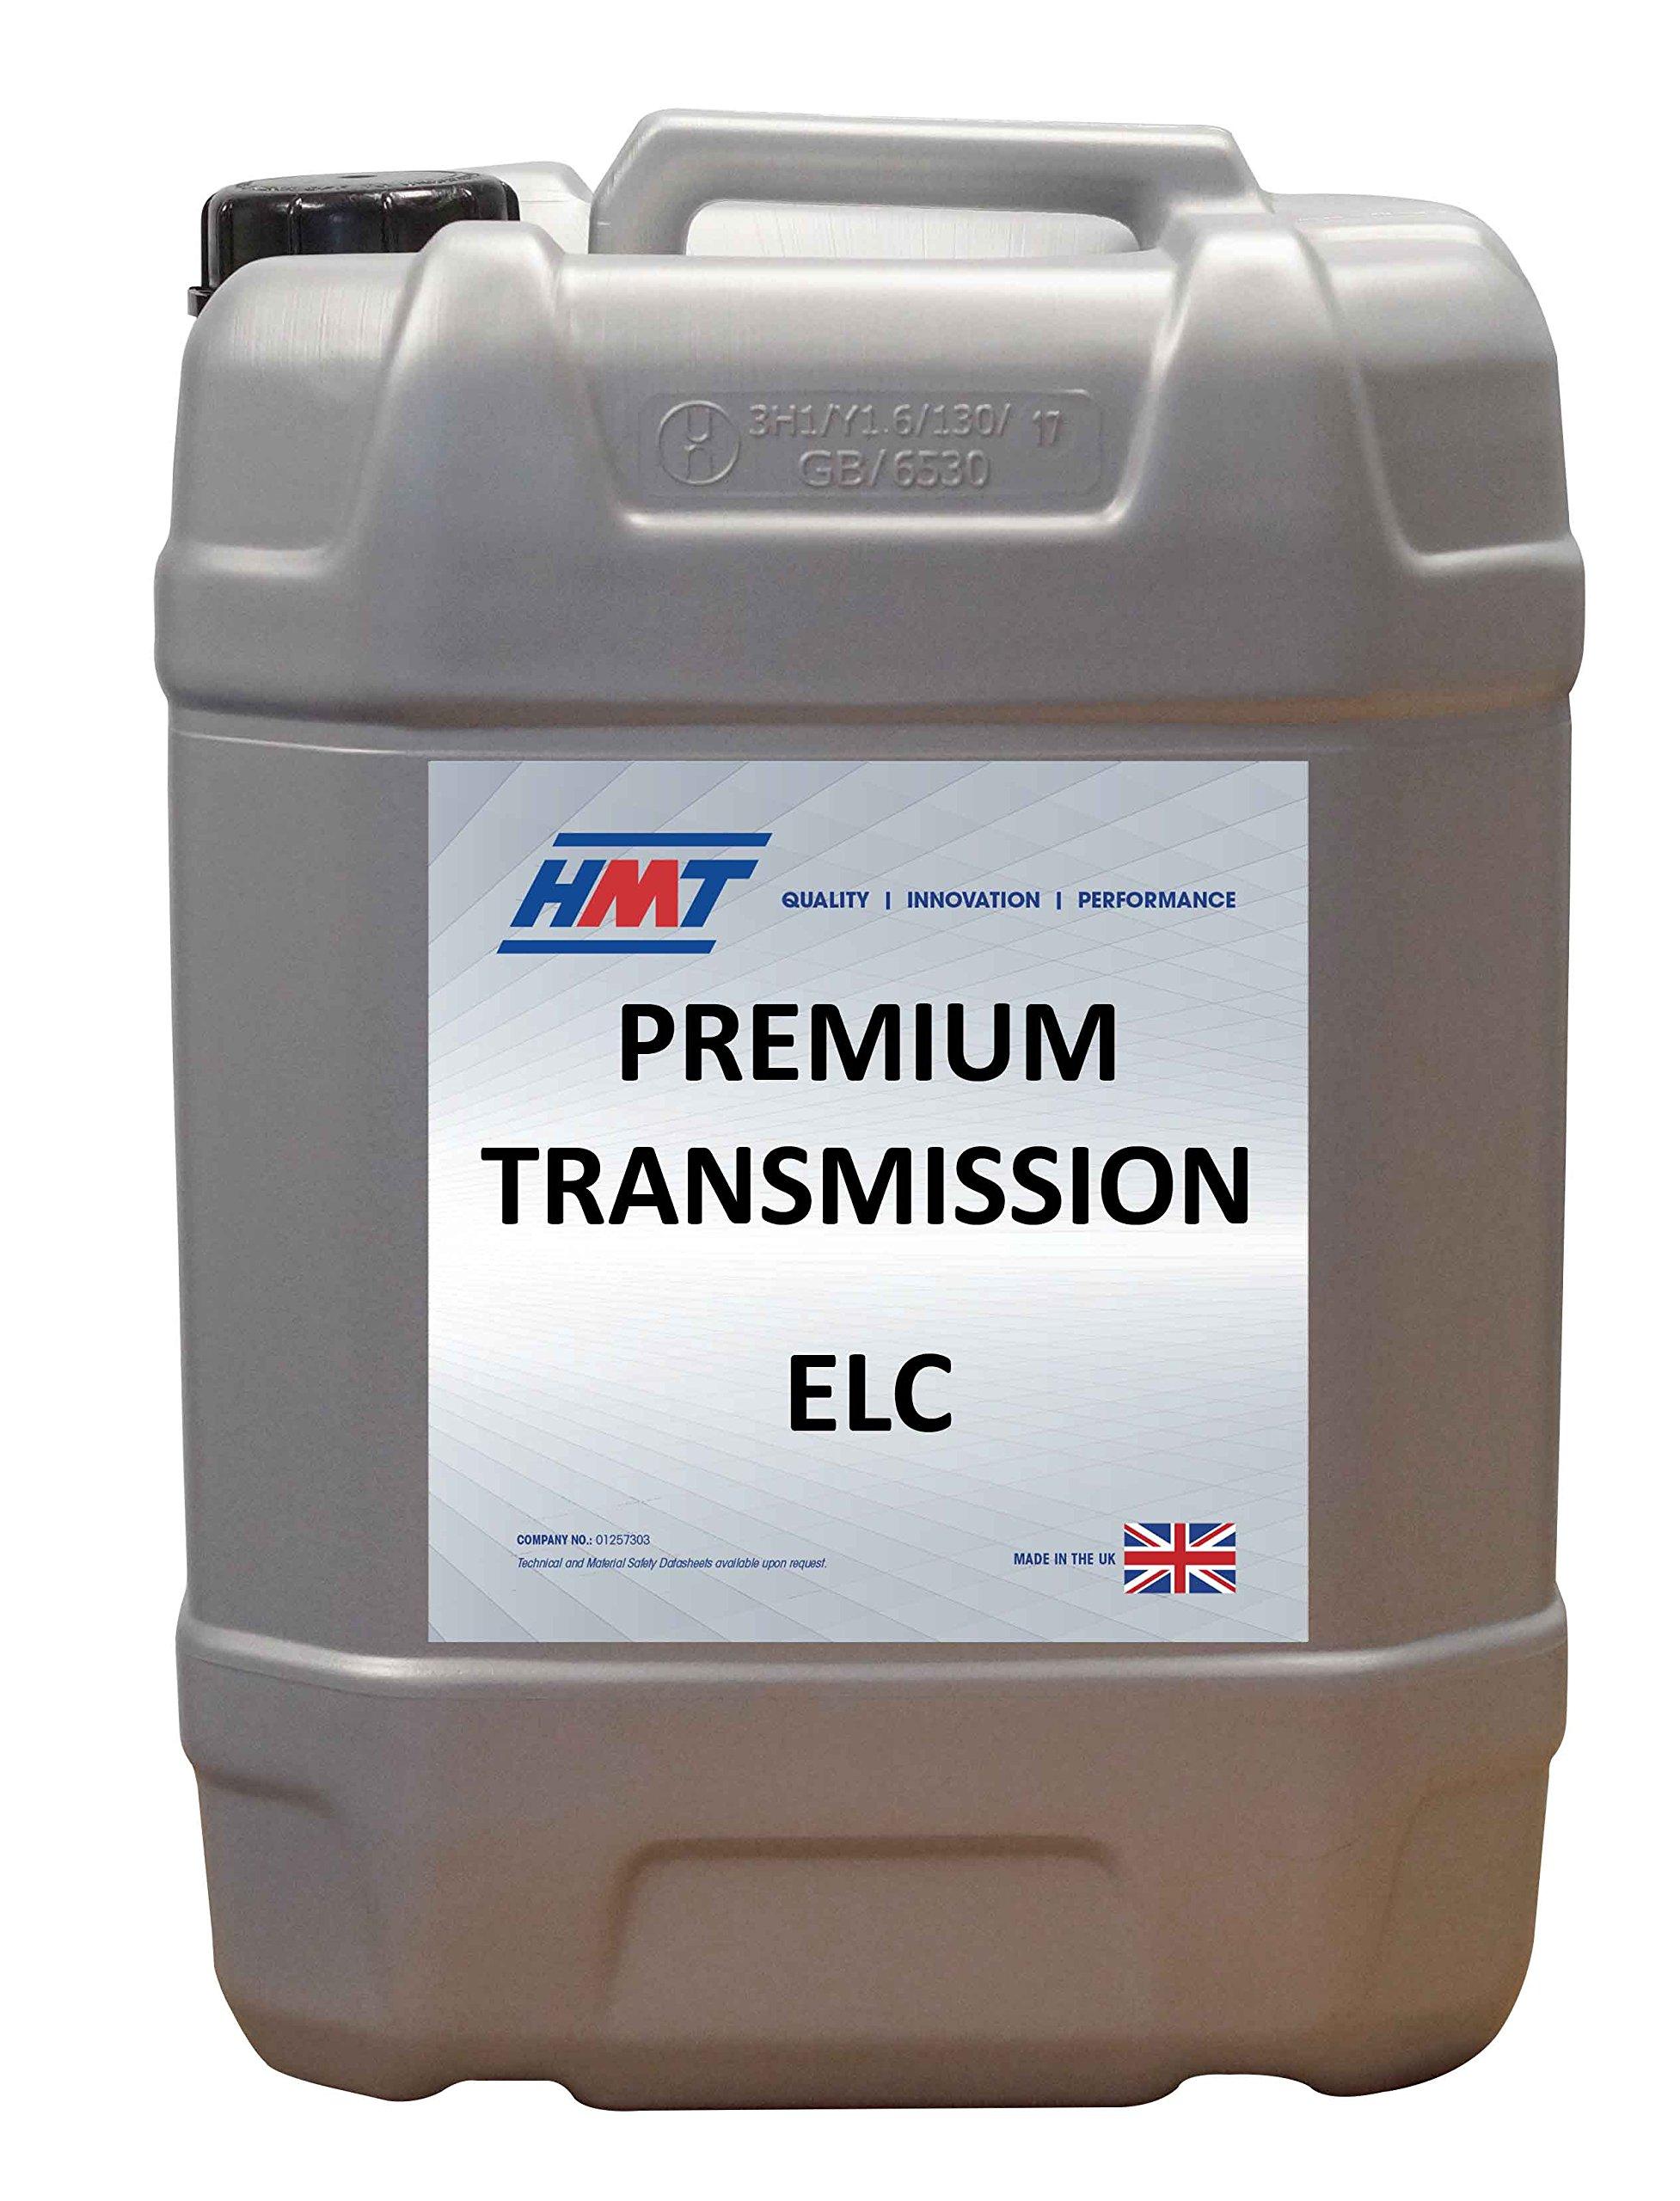 HMTA045 Premium Transmission Oil ELC - 20 Litre Plastic by HMT